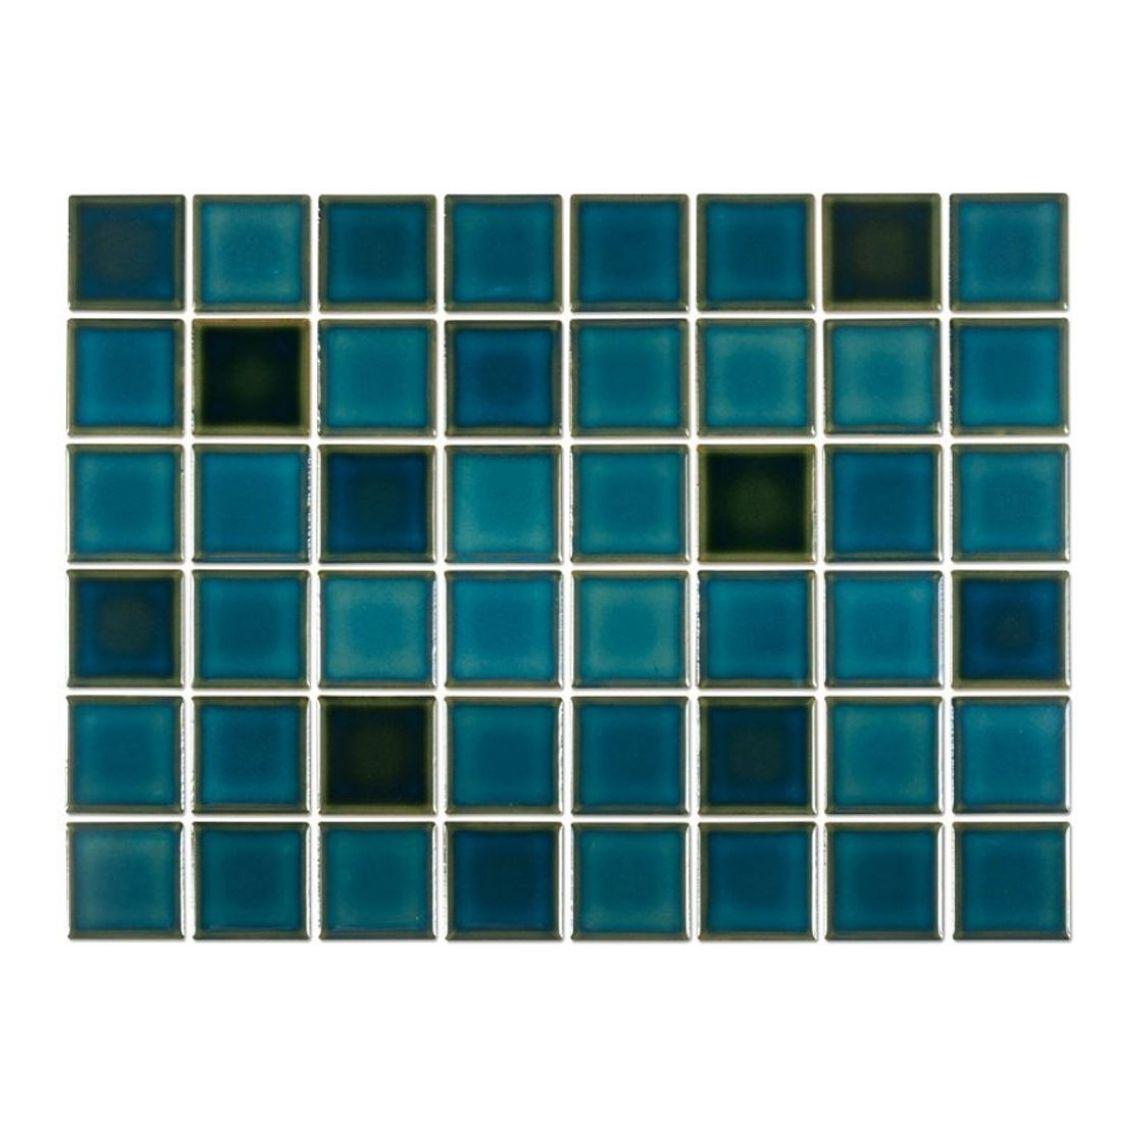 Pastilha Verde Calhetas 5x5 cm <br /><b>R$ 118,00 M² </b><br />Cx 1,08 M² <b> R$ 127,44</b>